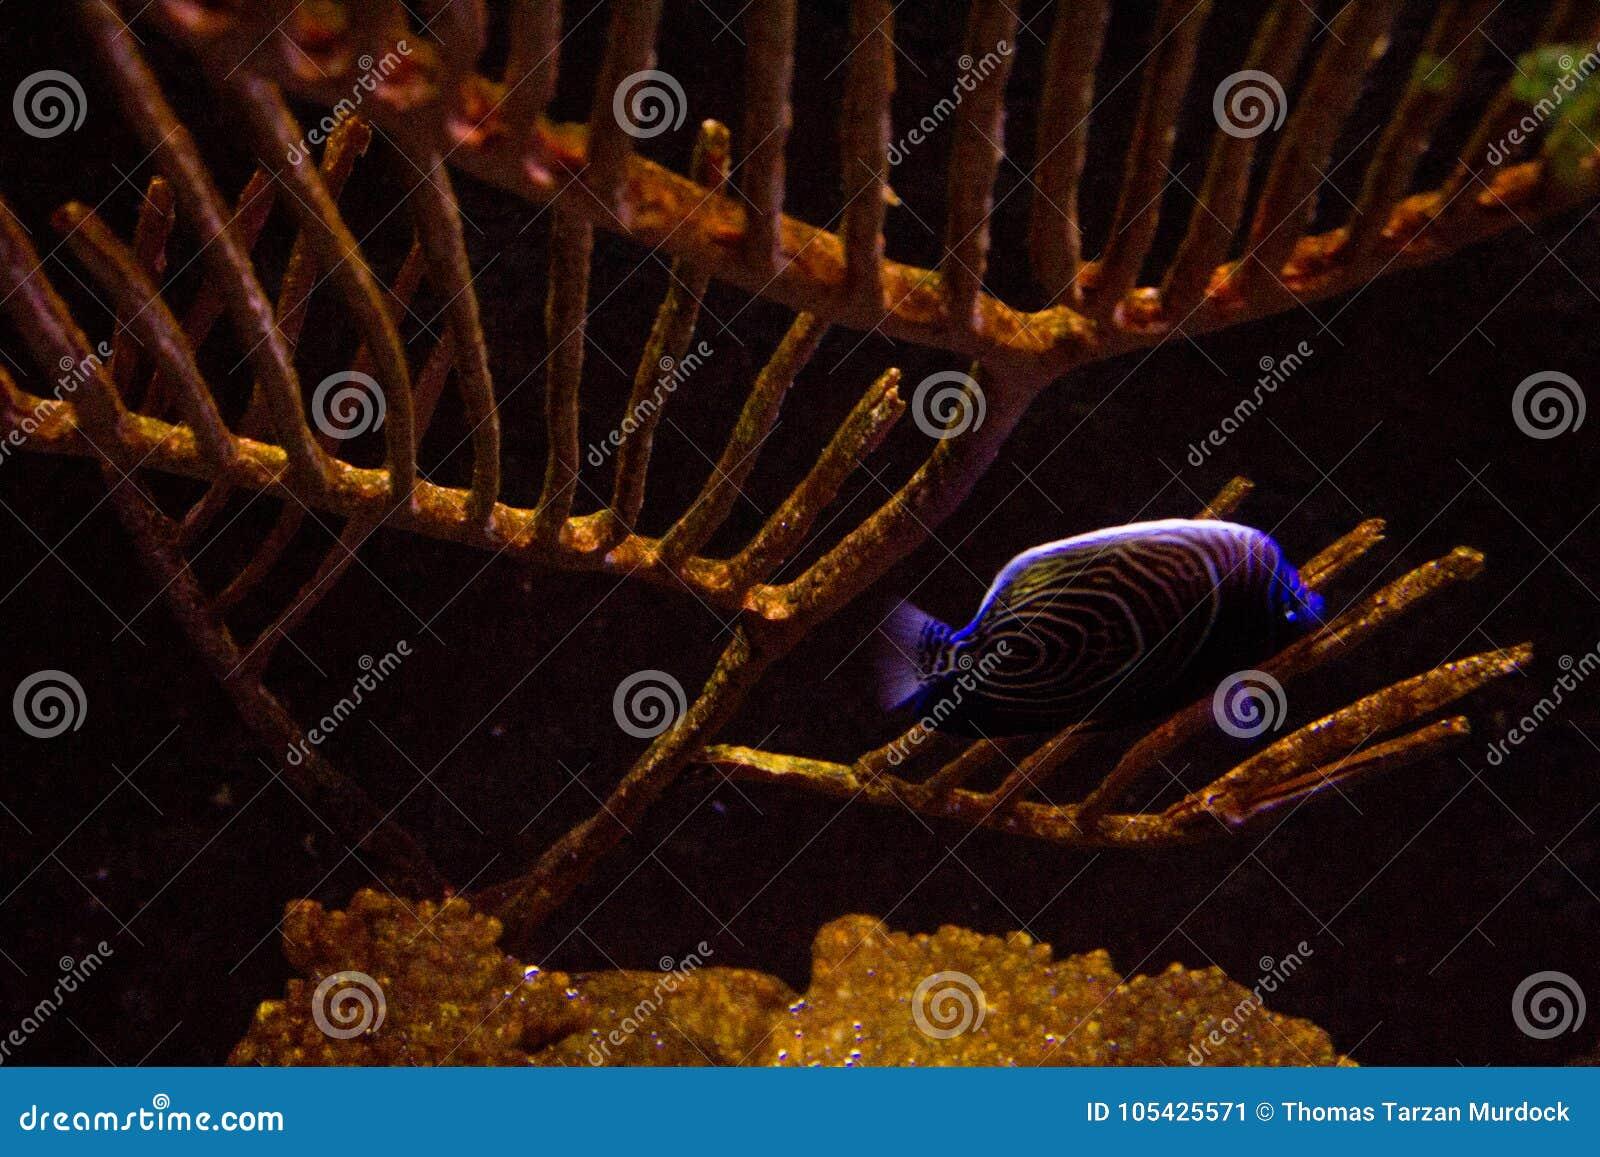 Het levendige kleurrijke aquatische leven in donker vertoningsaquarium